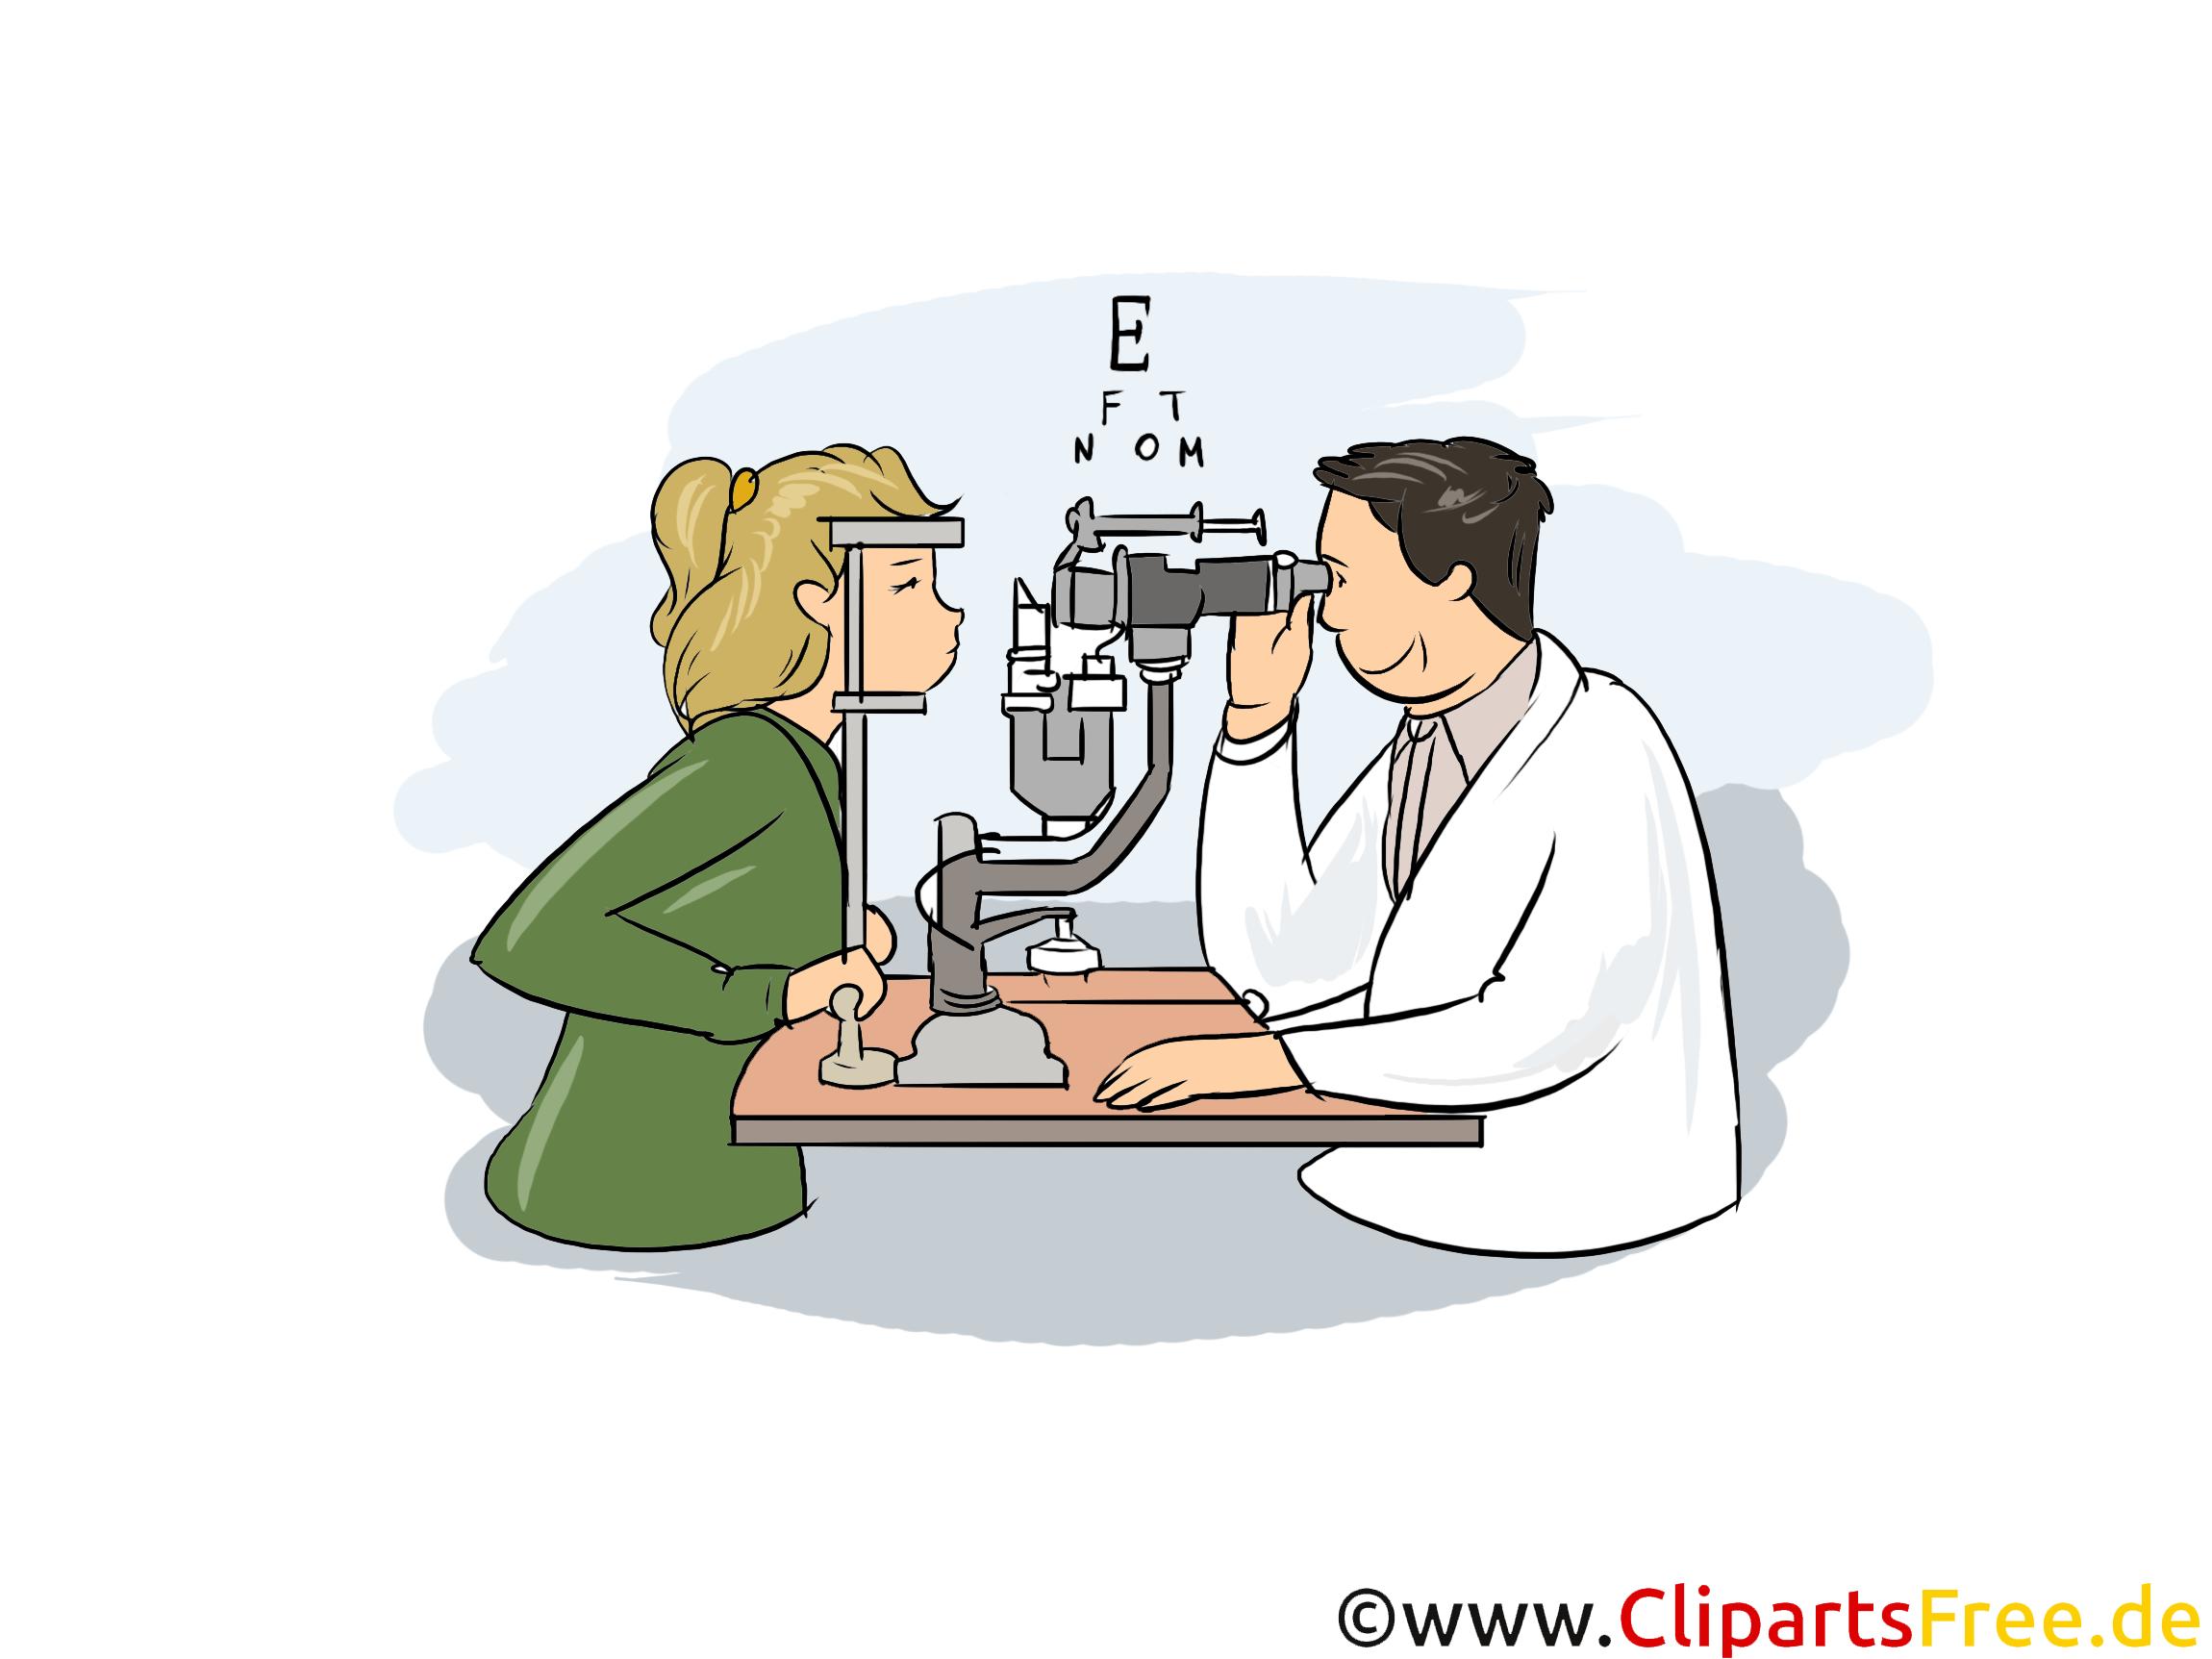 Augenoptiker Clipart, Bild, Grafik zum Thema Ausbildungsberufe